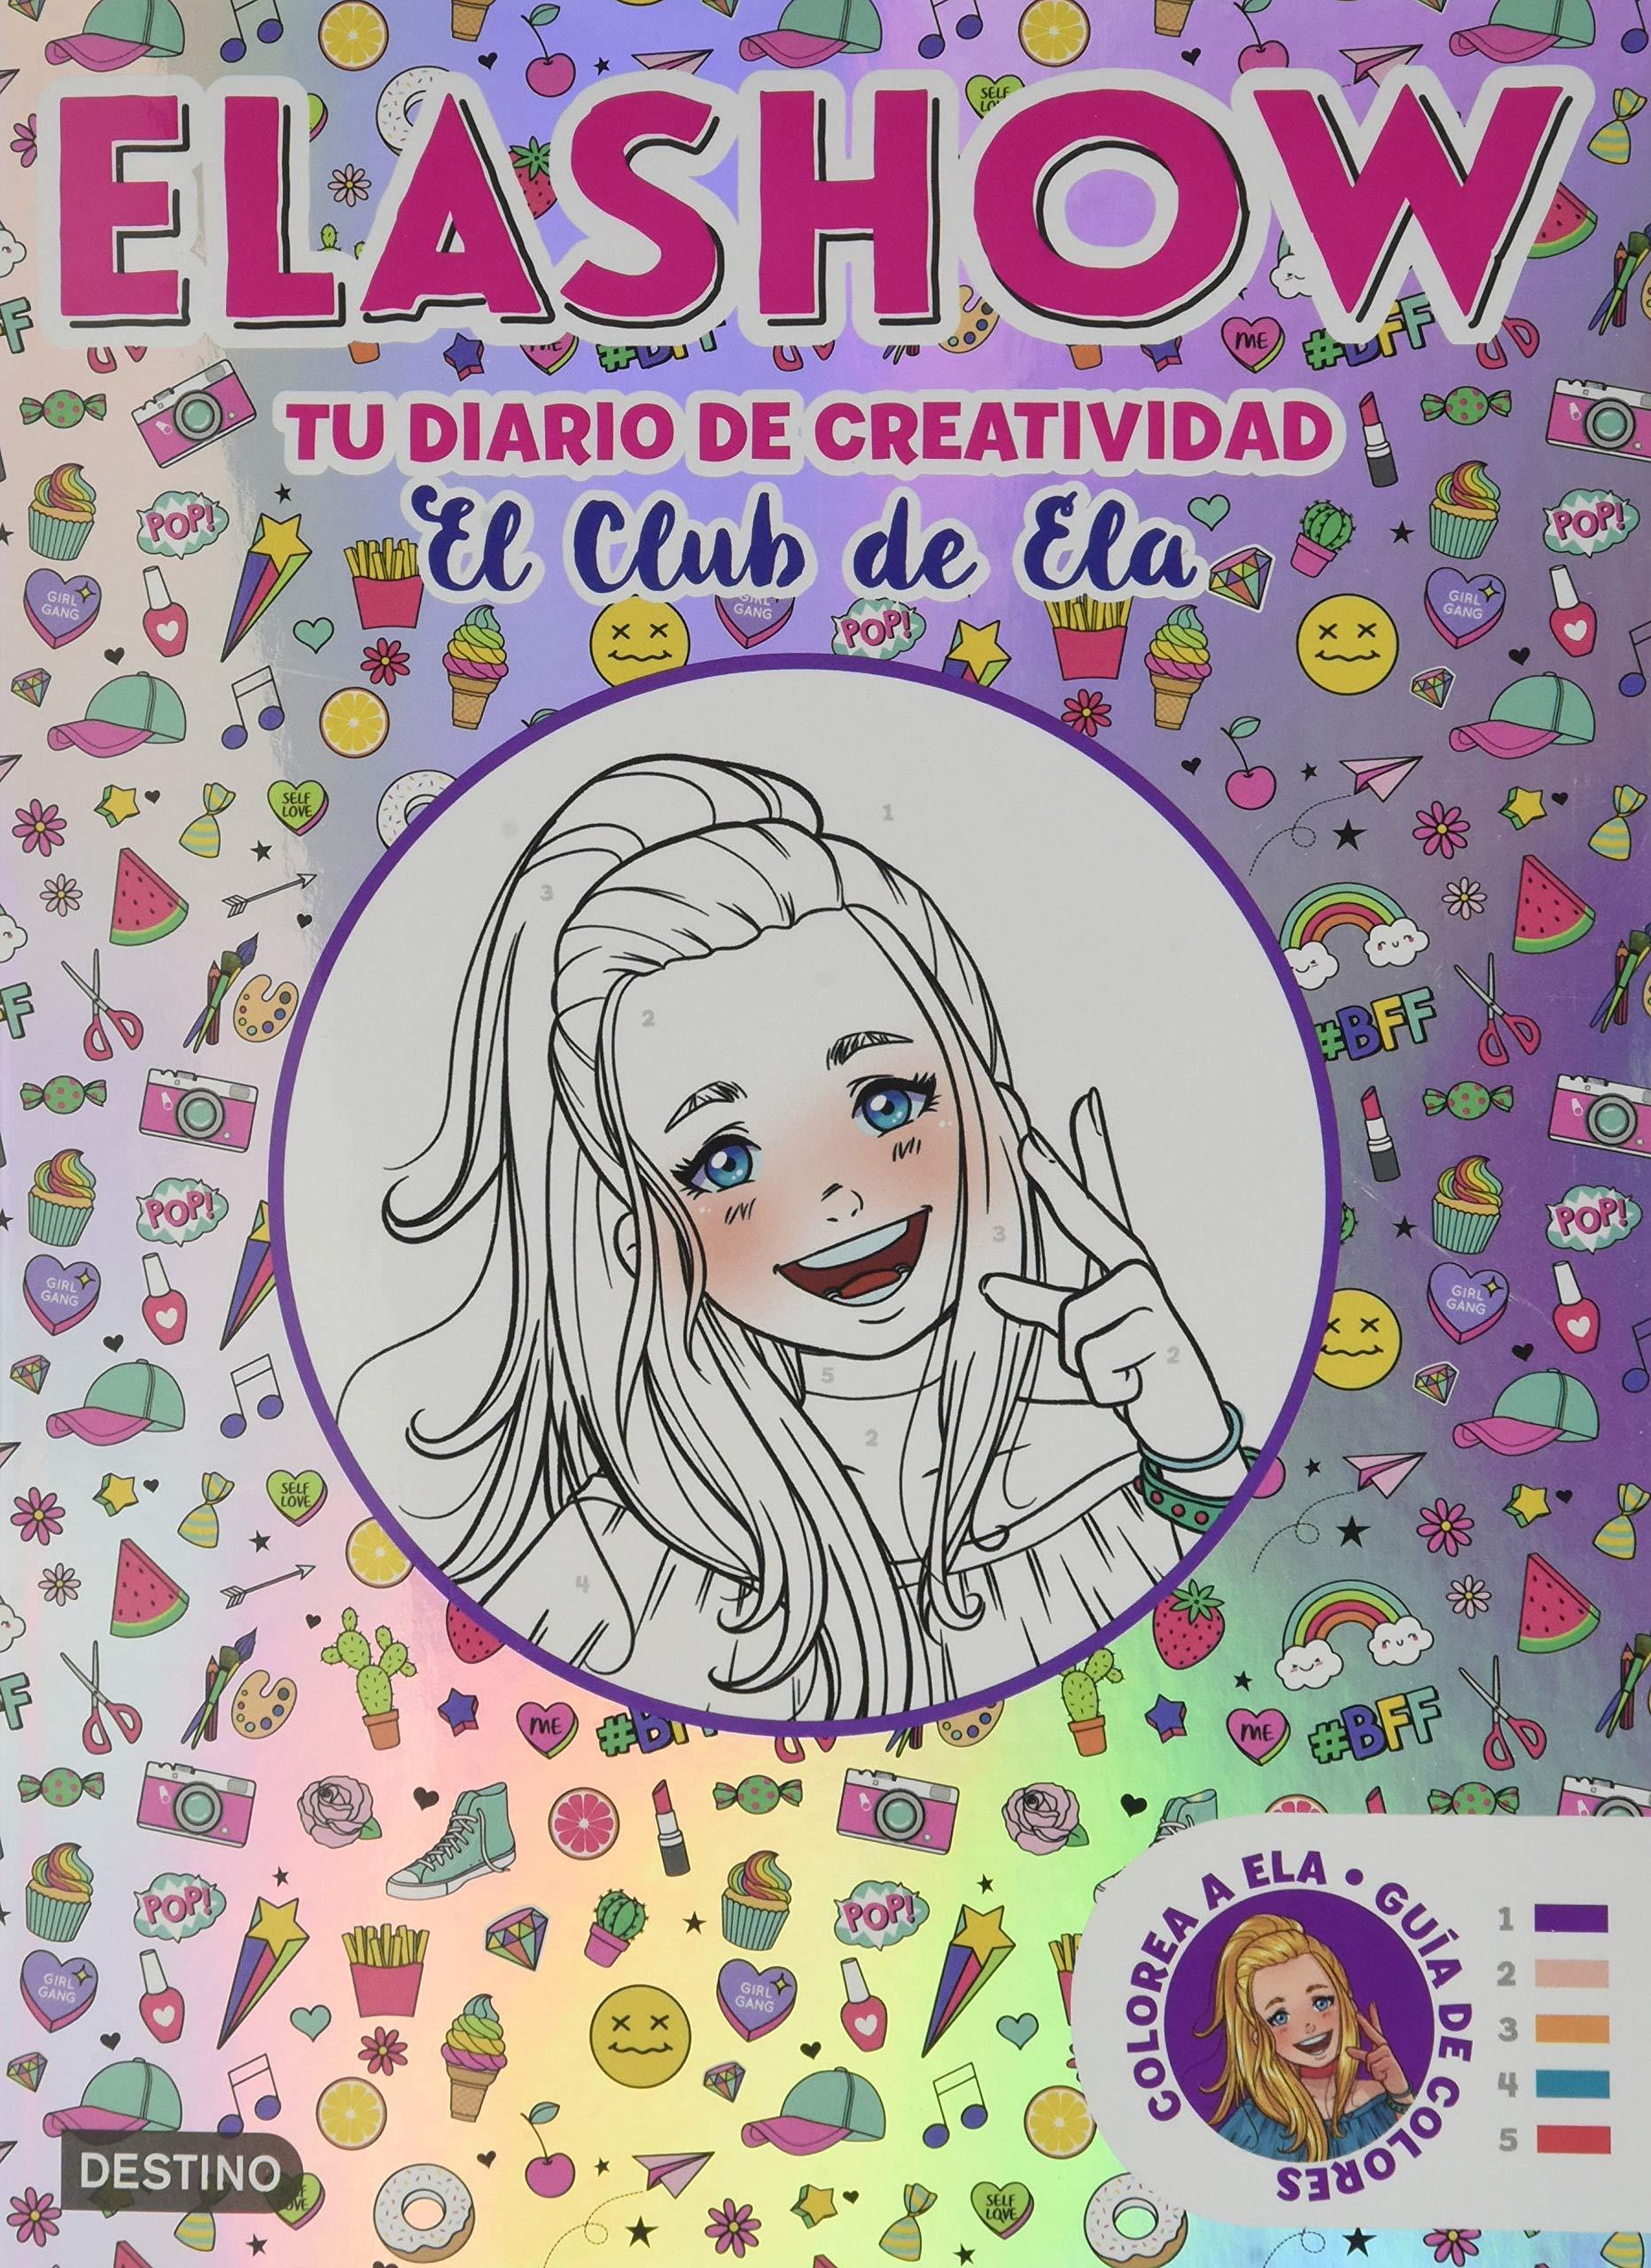 Pack CRF Elashow Diario (Youtubers infantiles): Amazon.es: Martínez, Elaia: Libros